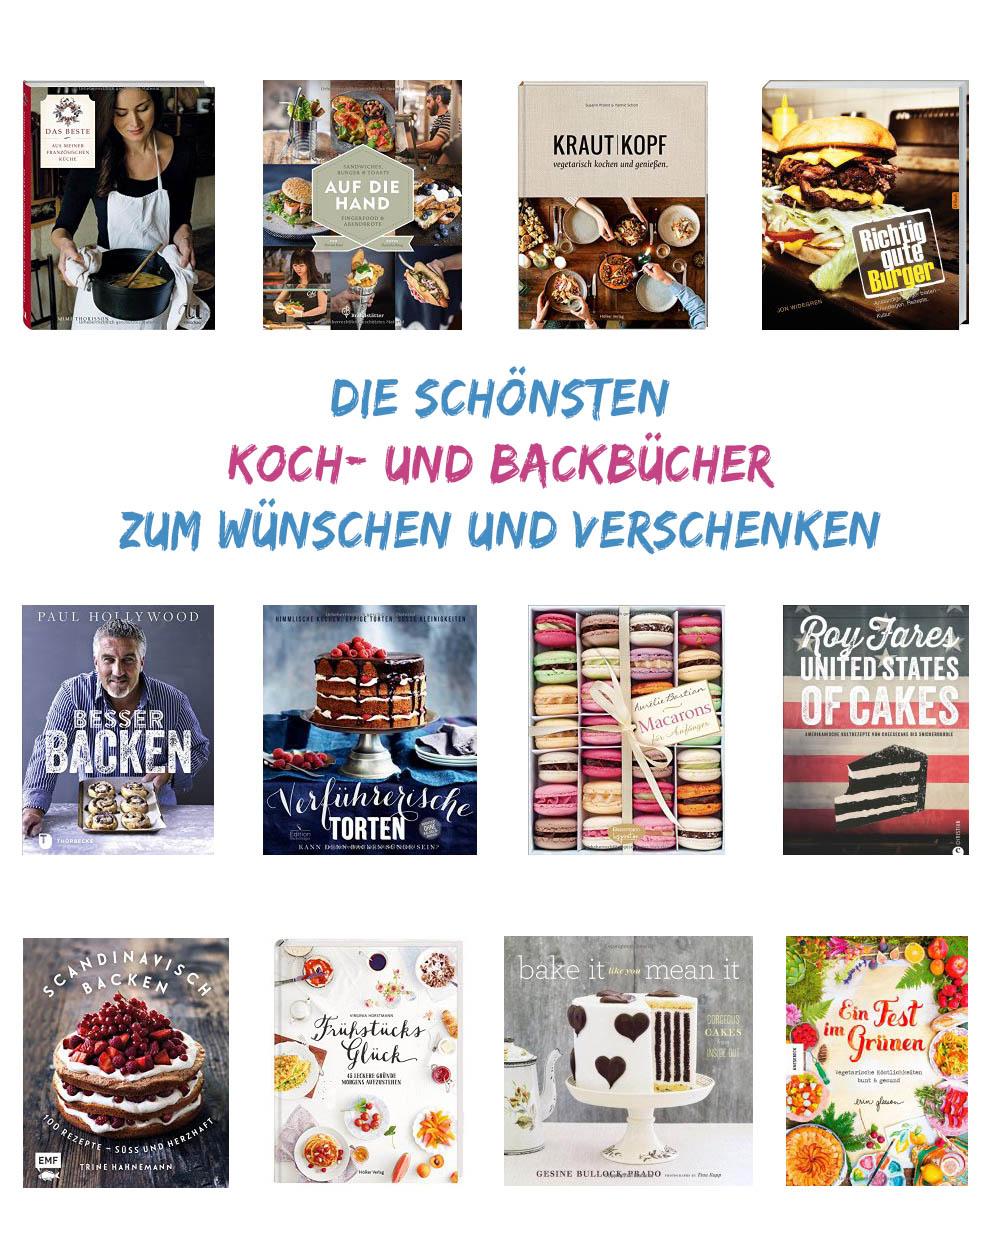 Weihnachtsgeschenke Bücher Kochbuch Backbuch